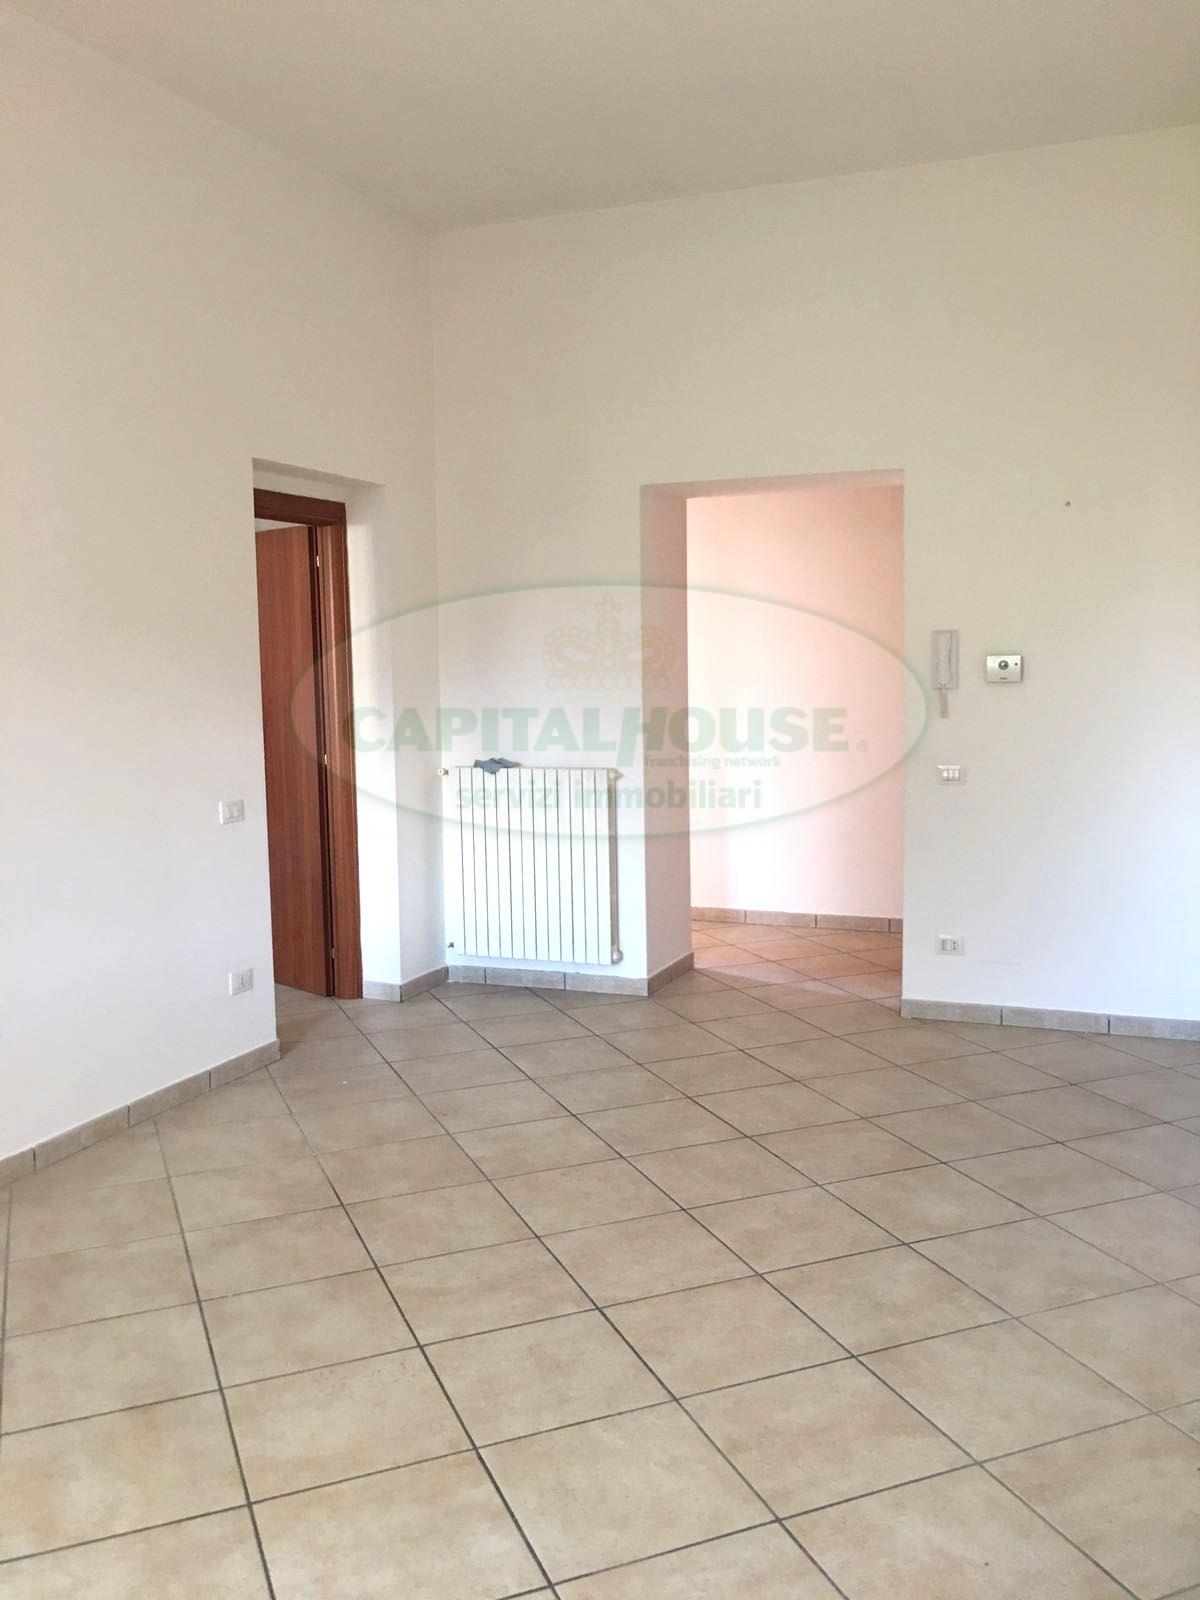 Appartamento in affitto a Cesinali, 3 locali, prezzo € 370 | Cambio Casa.it